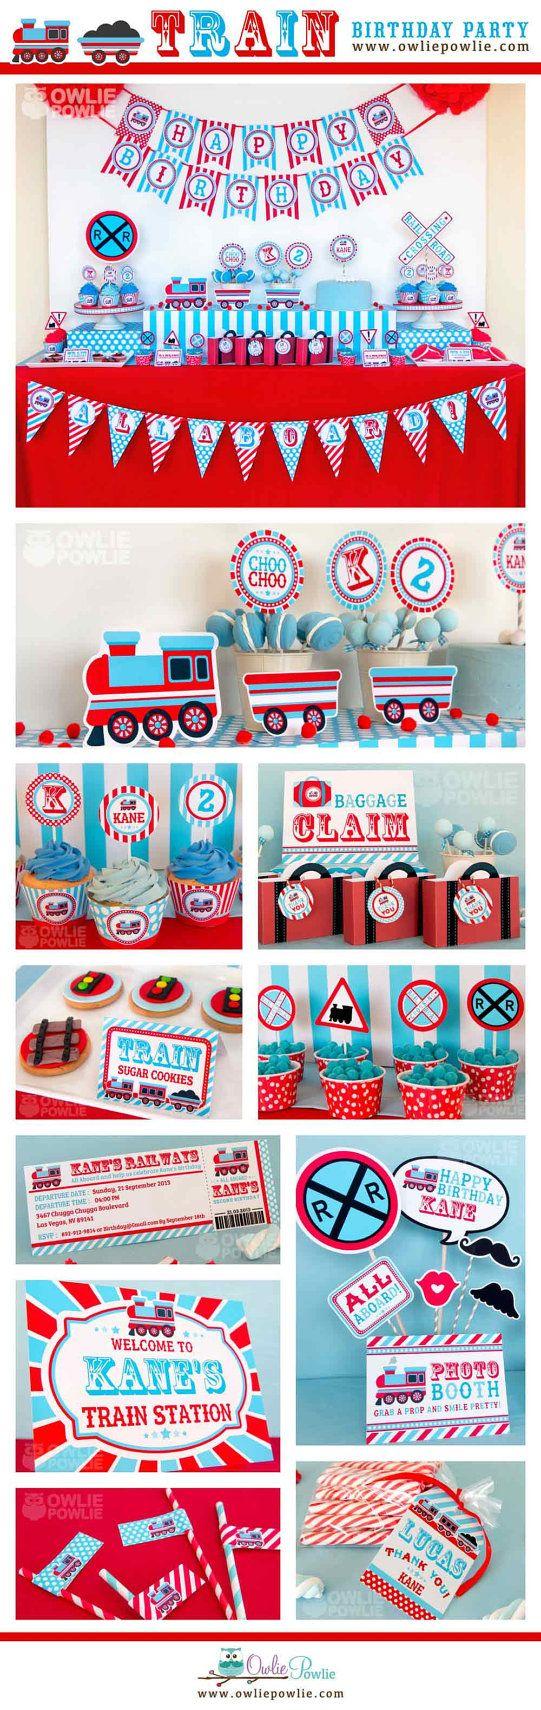 Train BIRTHDAY Party Printable Package & Invitation por OwliePowlie